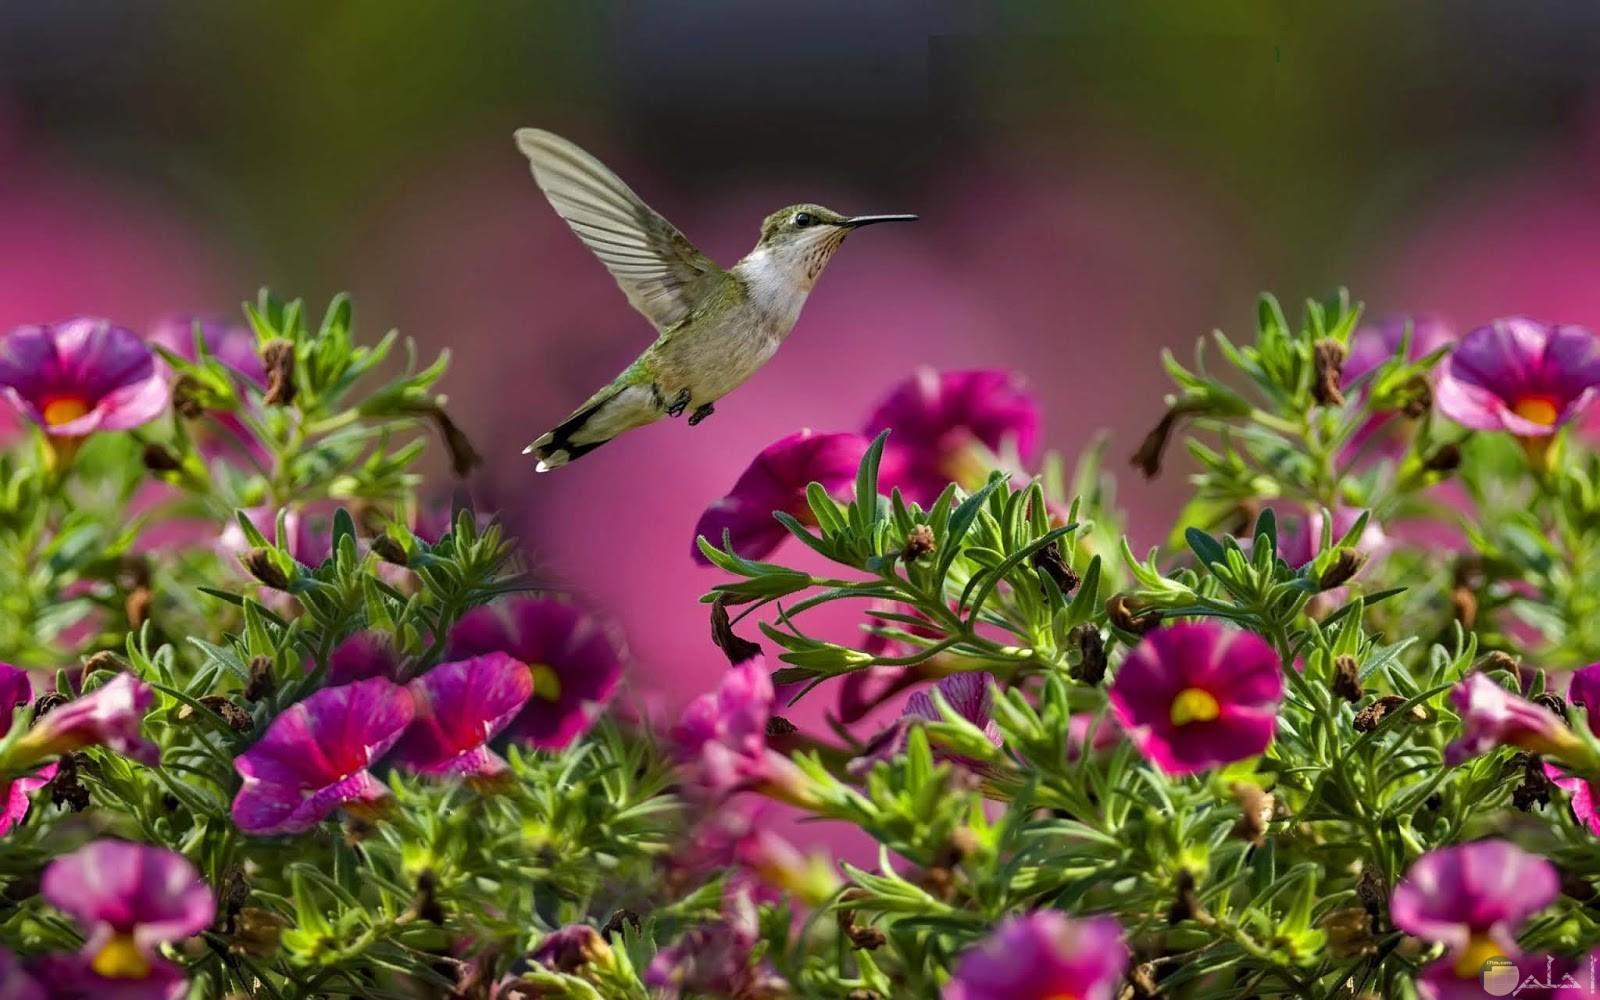 طائر يحلق فوق الزهور.